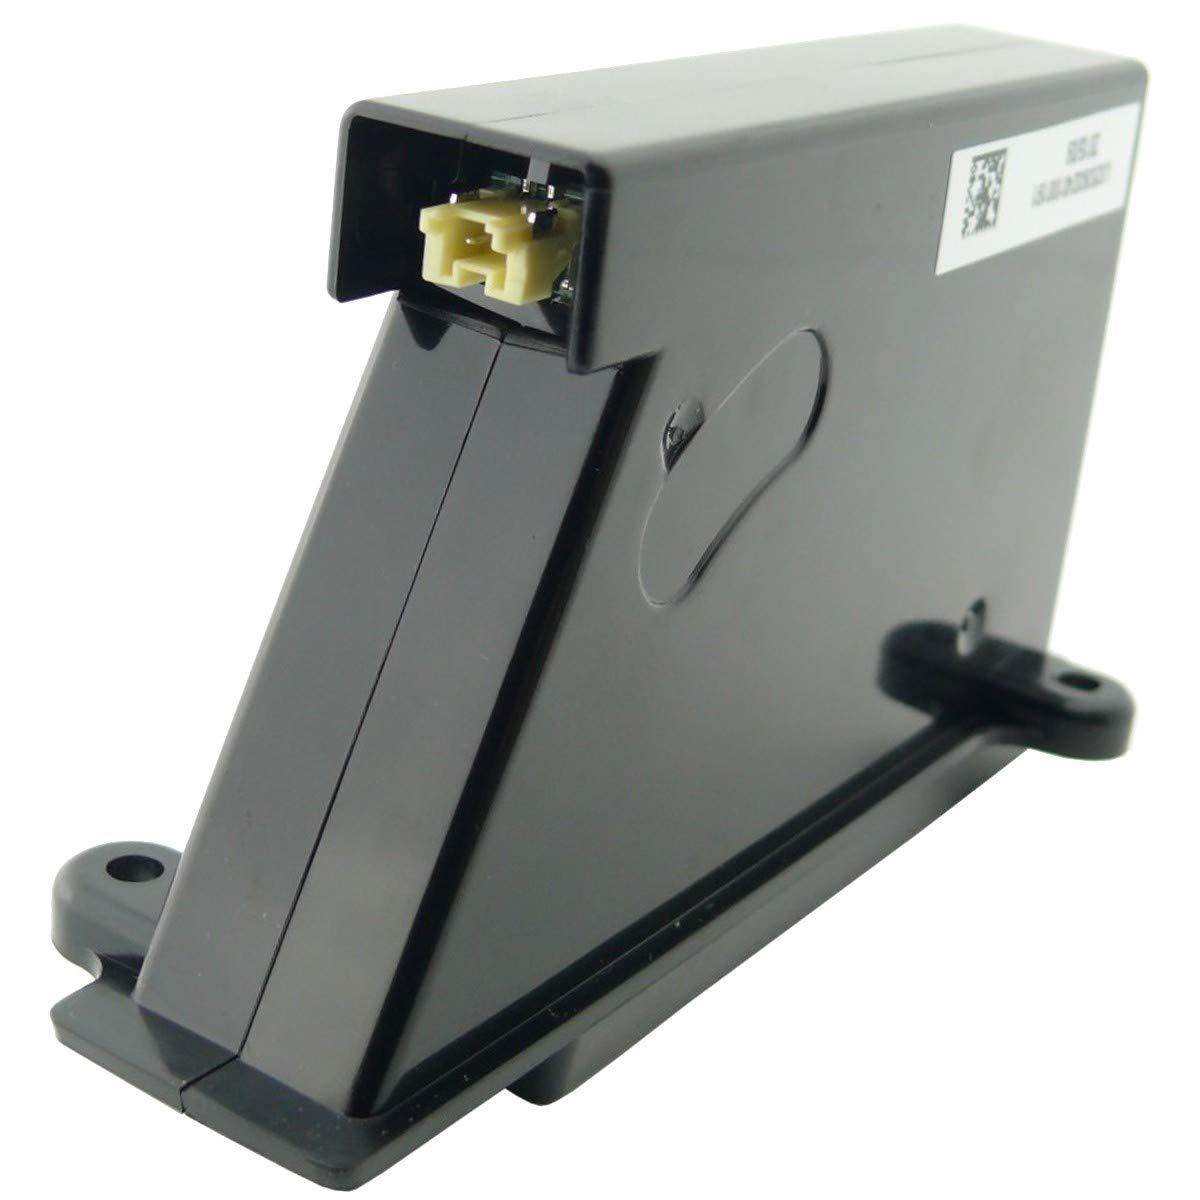 Batería recargable - Robot aspirador - LG: Amazon.es: Grandes ...